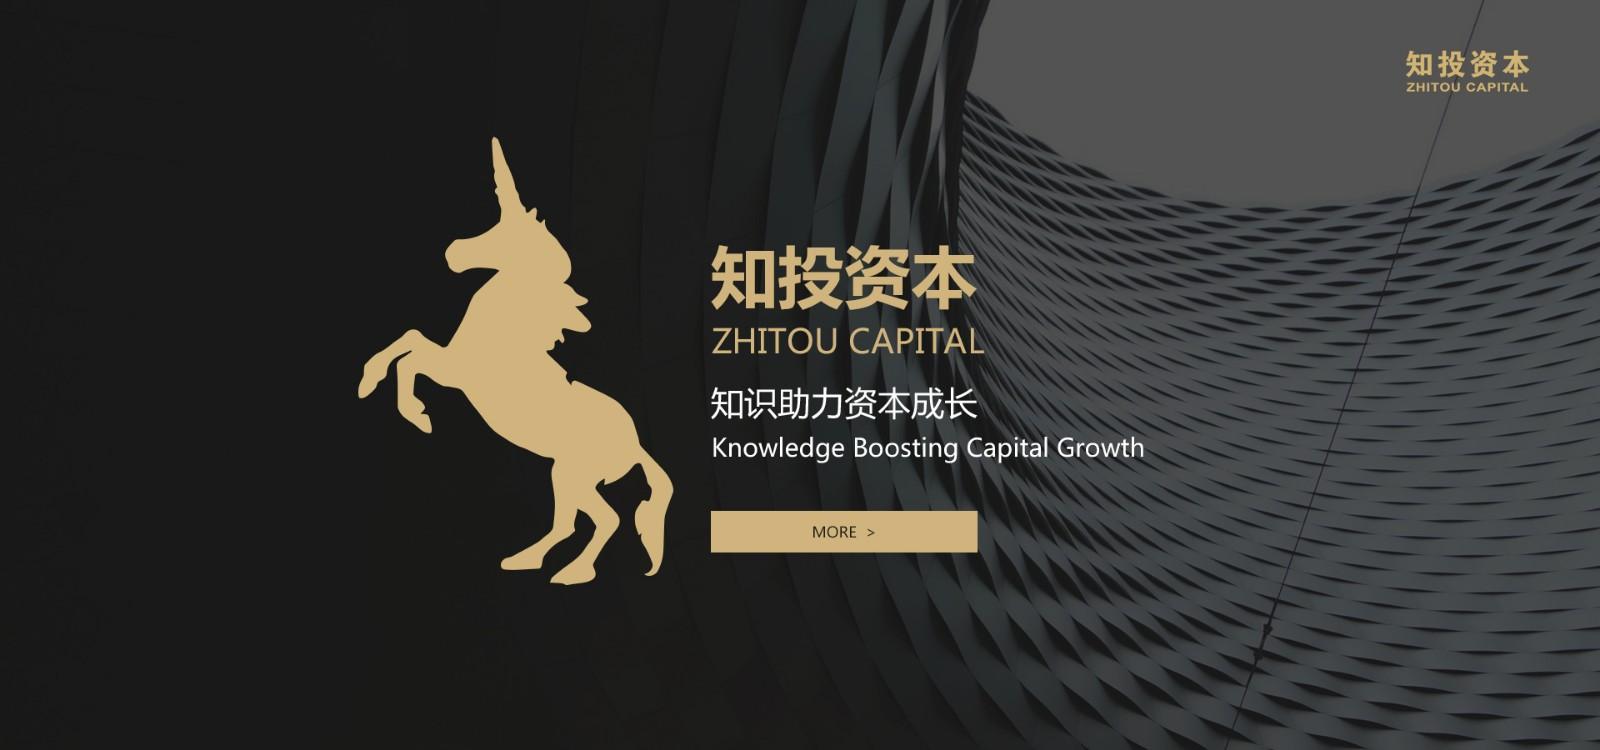 公司股权投资_华夏玻璃网